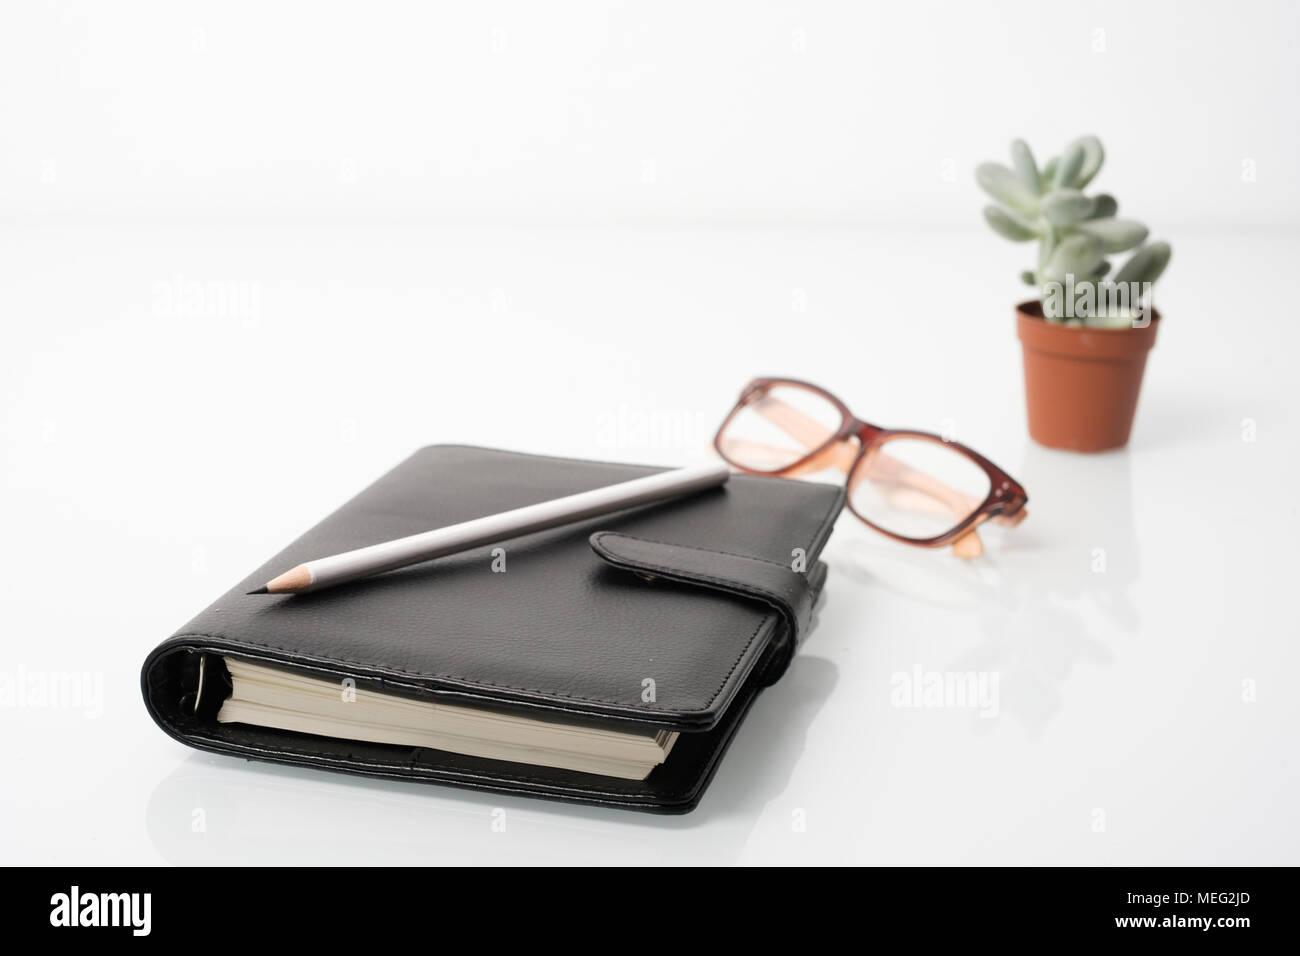 Scrivania Ufficio Oggetti : Agenda e ufficio oggetti sulla scrivania bianca foto & immagine